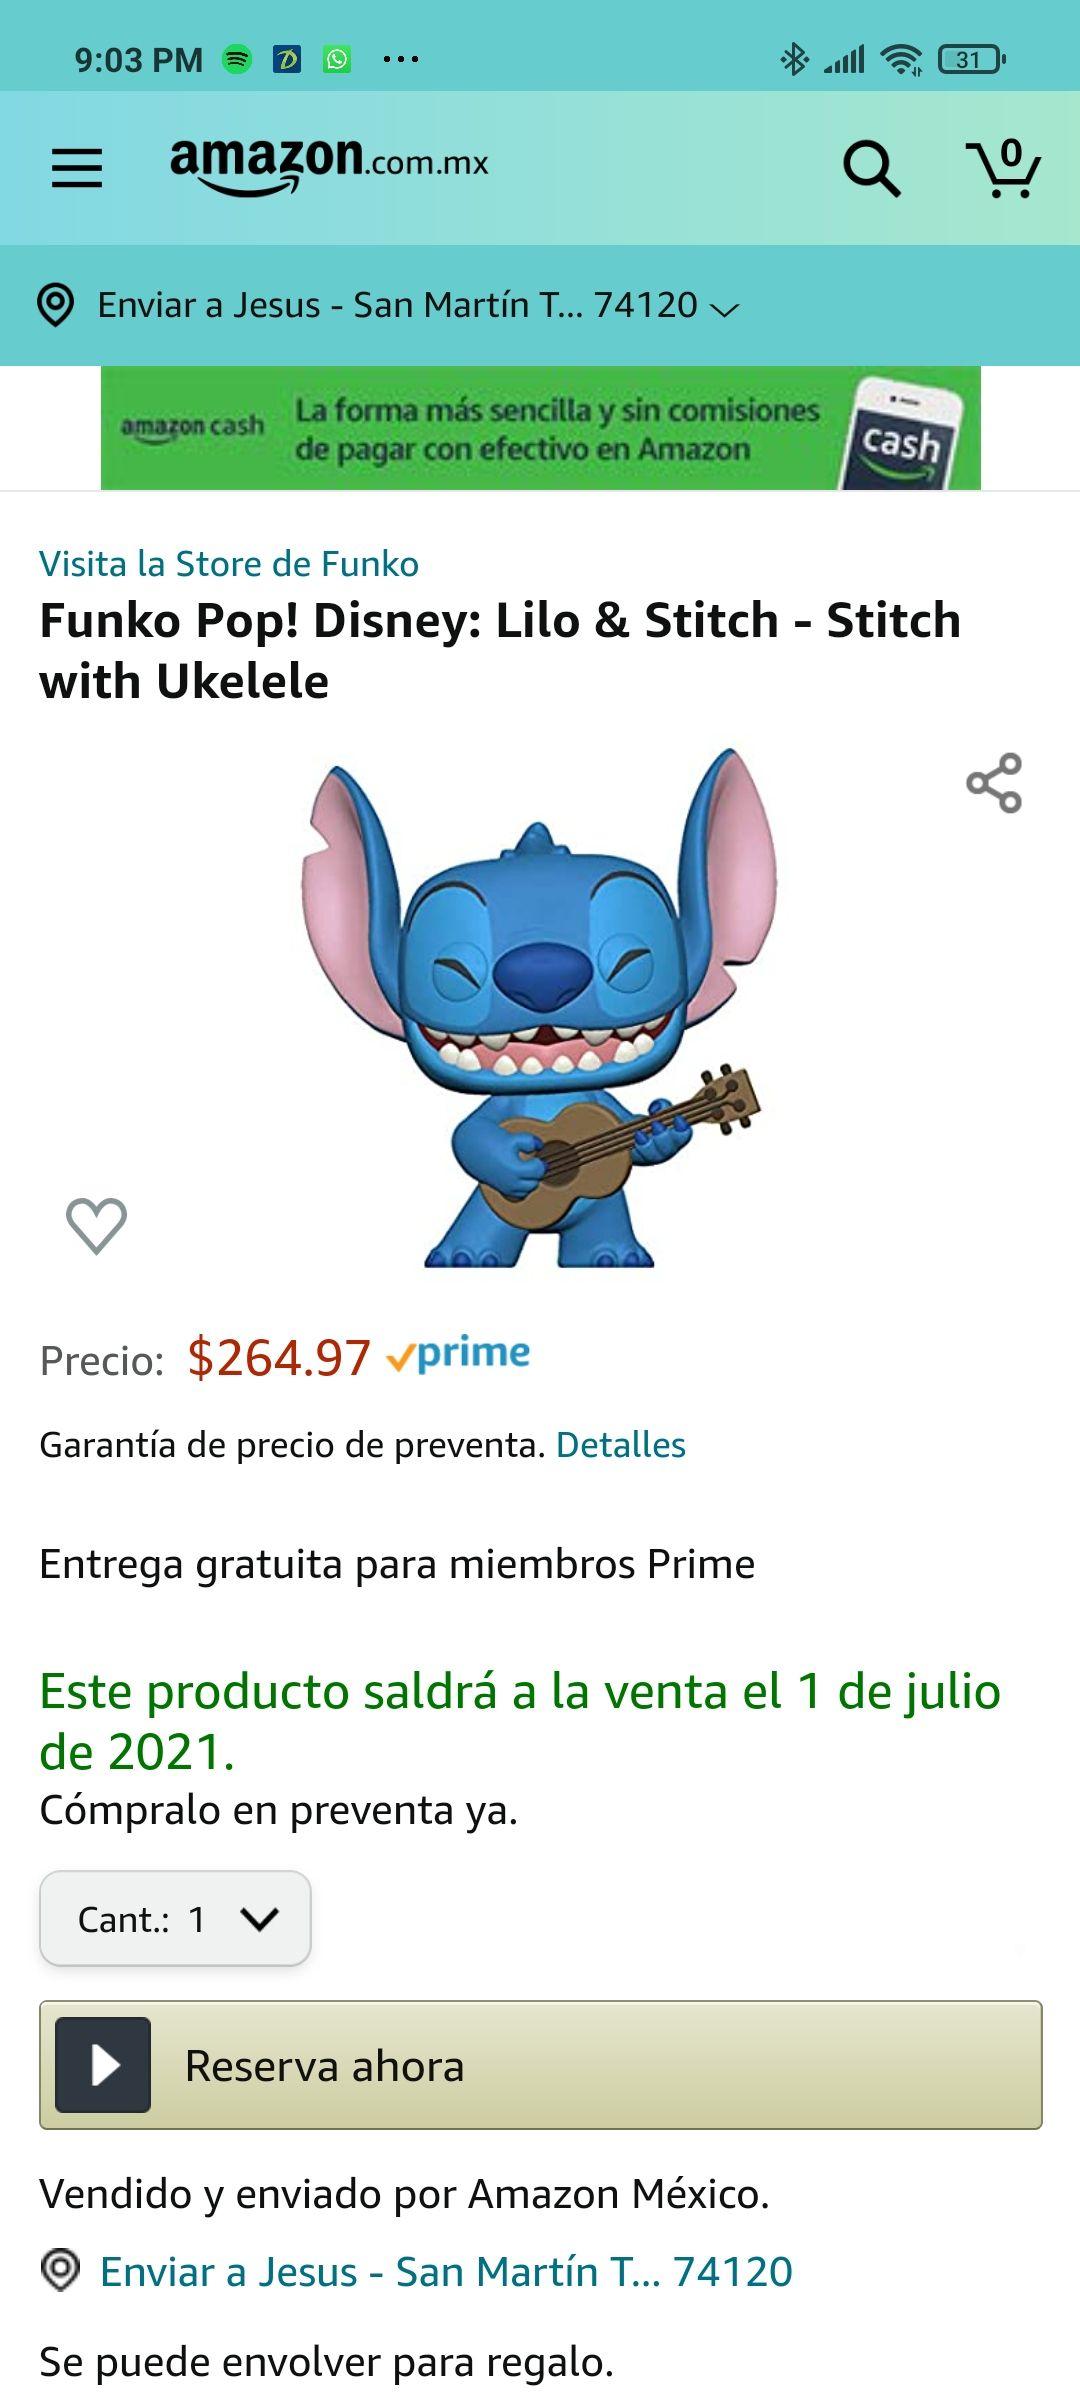 Amazon: Funko Pop! Disney: Lilo & Stitch - Stitch with Ukelele